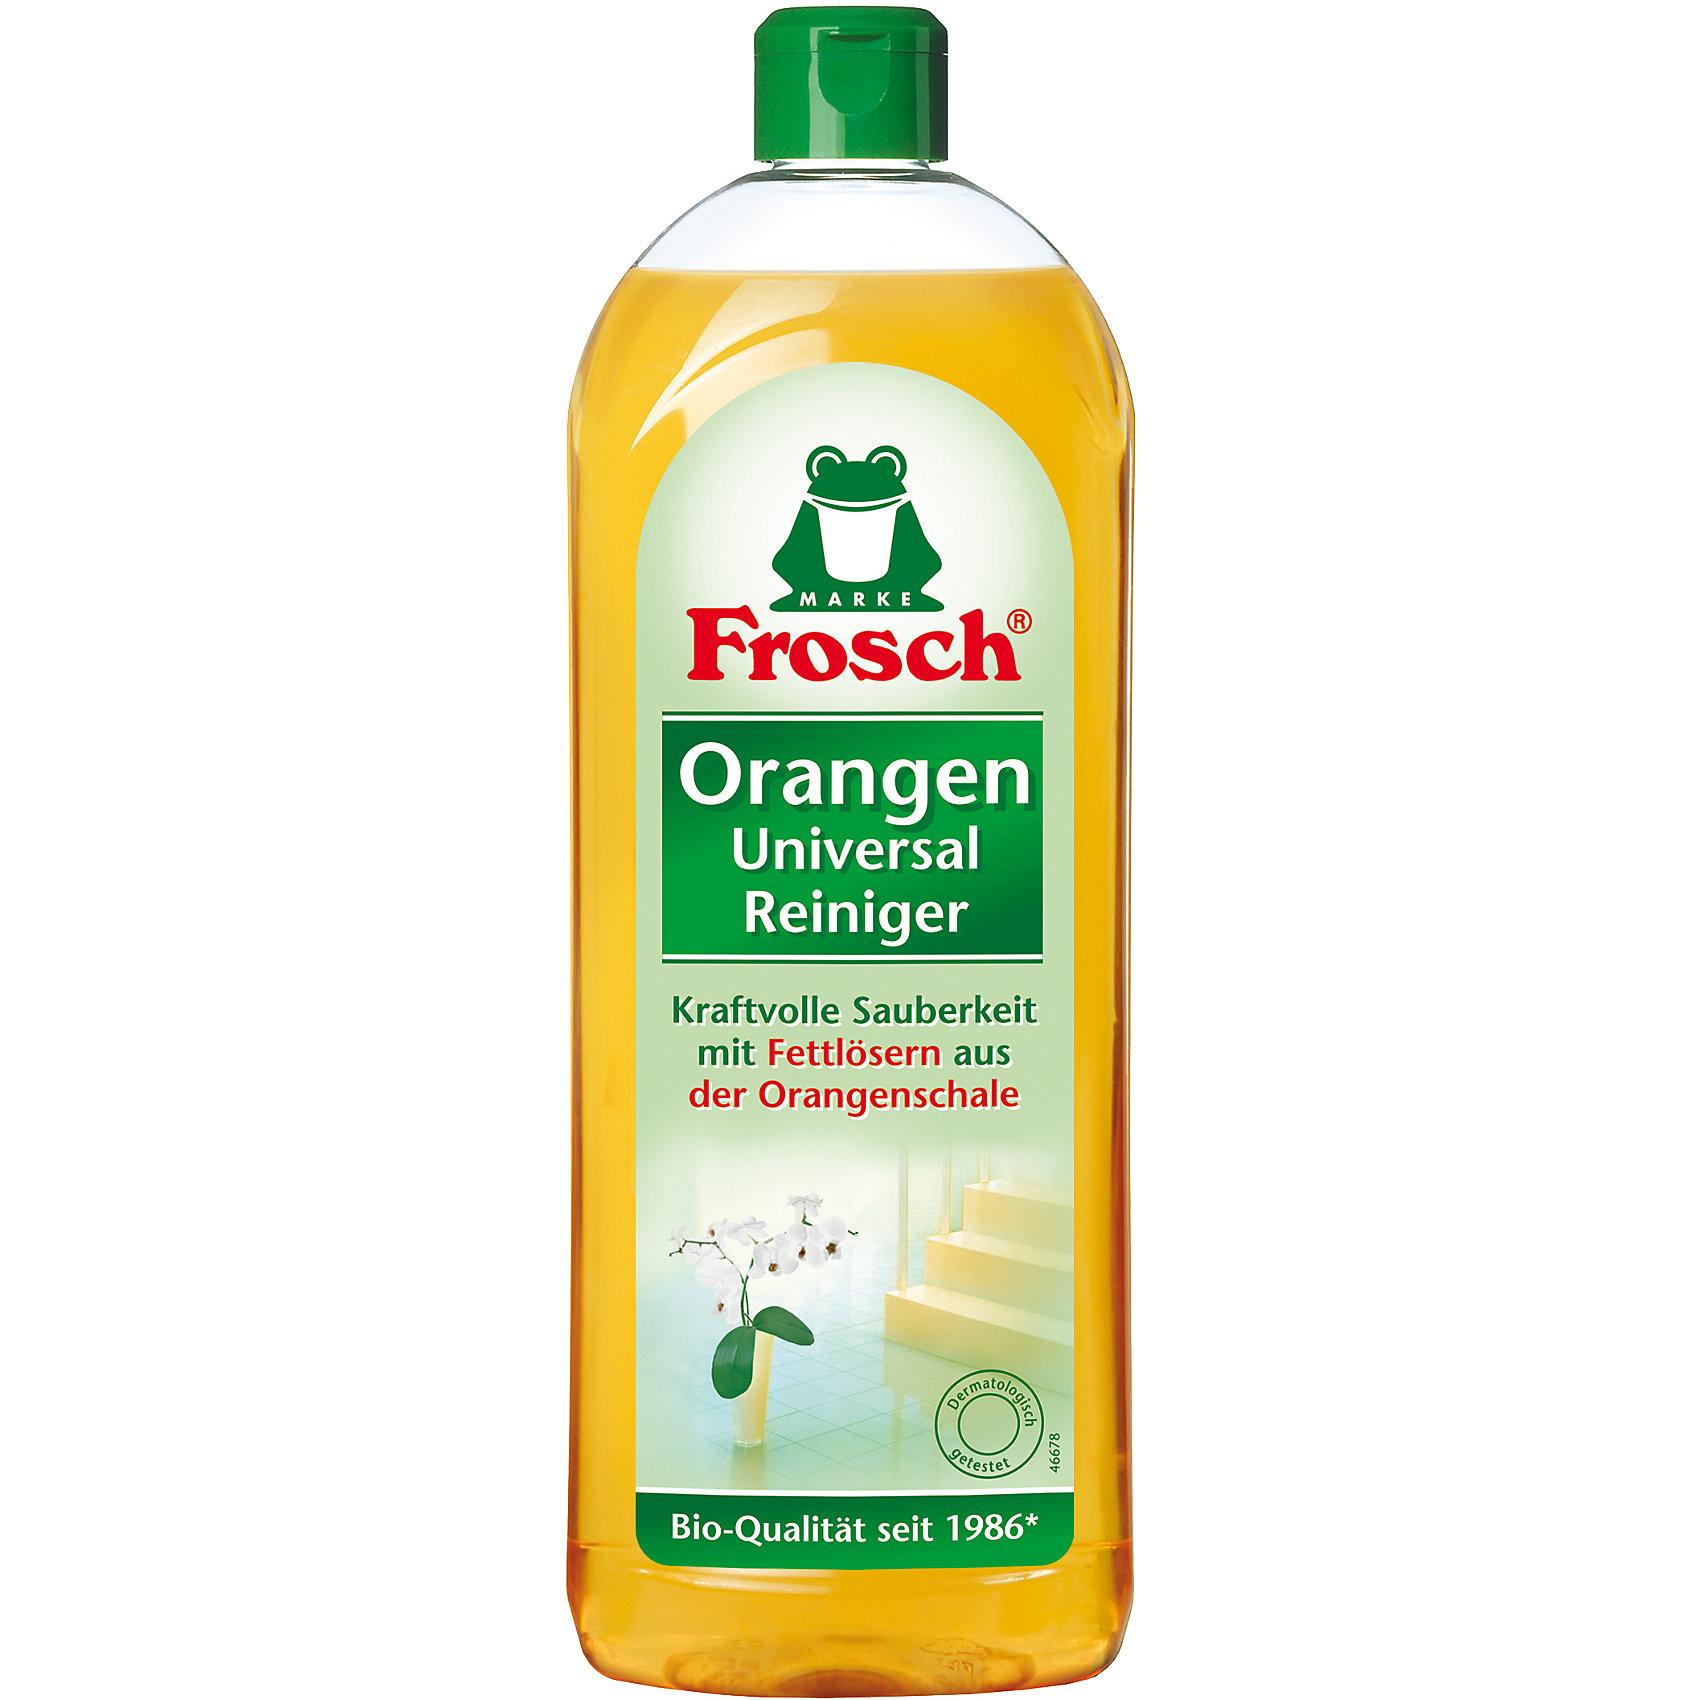 Универсальный апельсиновый очиститель, 0,75 л., FroschХарактеристики товара:<br><br>• цвет: разноцветный<br>• объем: 750 мл<br>• упаковка: пластик<br>• страна бренда: Германия<br>• страна изготовитель: Германия<br><br>Frosch - мировой лидер по производству чистящих средств, основанный в Германии. Отличительная особенность жидкостей – их безопасность и экологичность. Универсальное средство помогает хозяйкам поддерживать чистоту в доме без особых усилий и затрат. Химическая формула растворяет сложные загрязнения и придает цитрусовый аромат. Материалы, использованные при изготовлении товара, сертифицированы и отвечают всем международным требованиям по качеству. <br><br>Универсальный апельсиновый очиститель, 0,75 л, от немецкого производителя Frosch (Фрош) можно приобрести в нашем интернет-магазине.<br><br>Ширина мм: 85<br>Глубина мм: 53<br>Высота мм: 258<br>Вес г: 838<br>Возраст от месяцев: 216<br>Возраст до месяцев: 1188<br>Пол: Унисекс<br>Возраст: Детский<br>SKU: 5185726